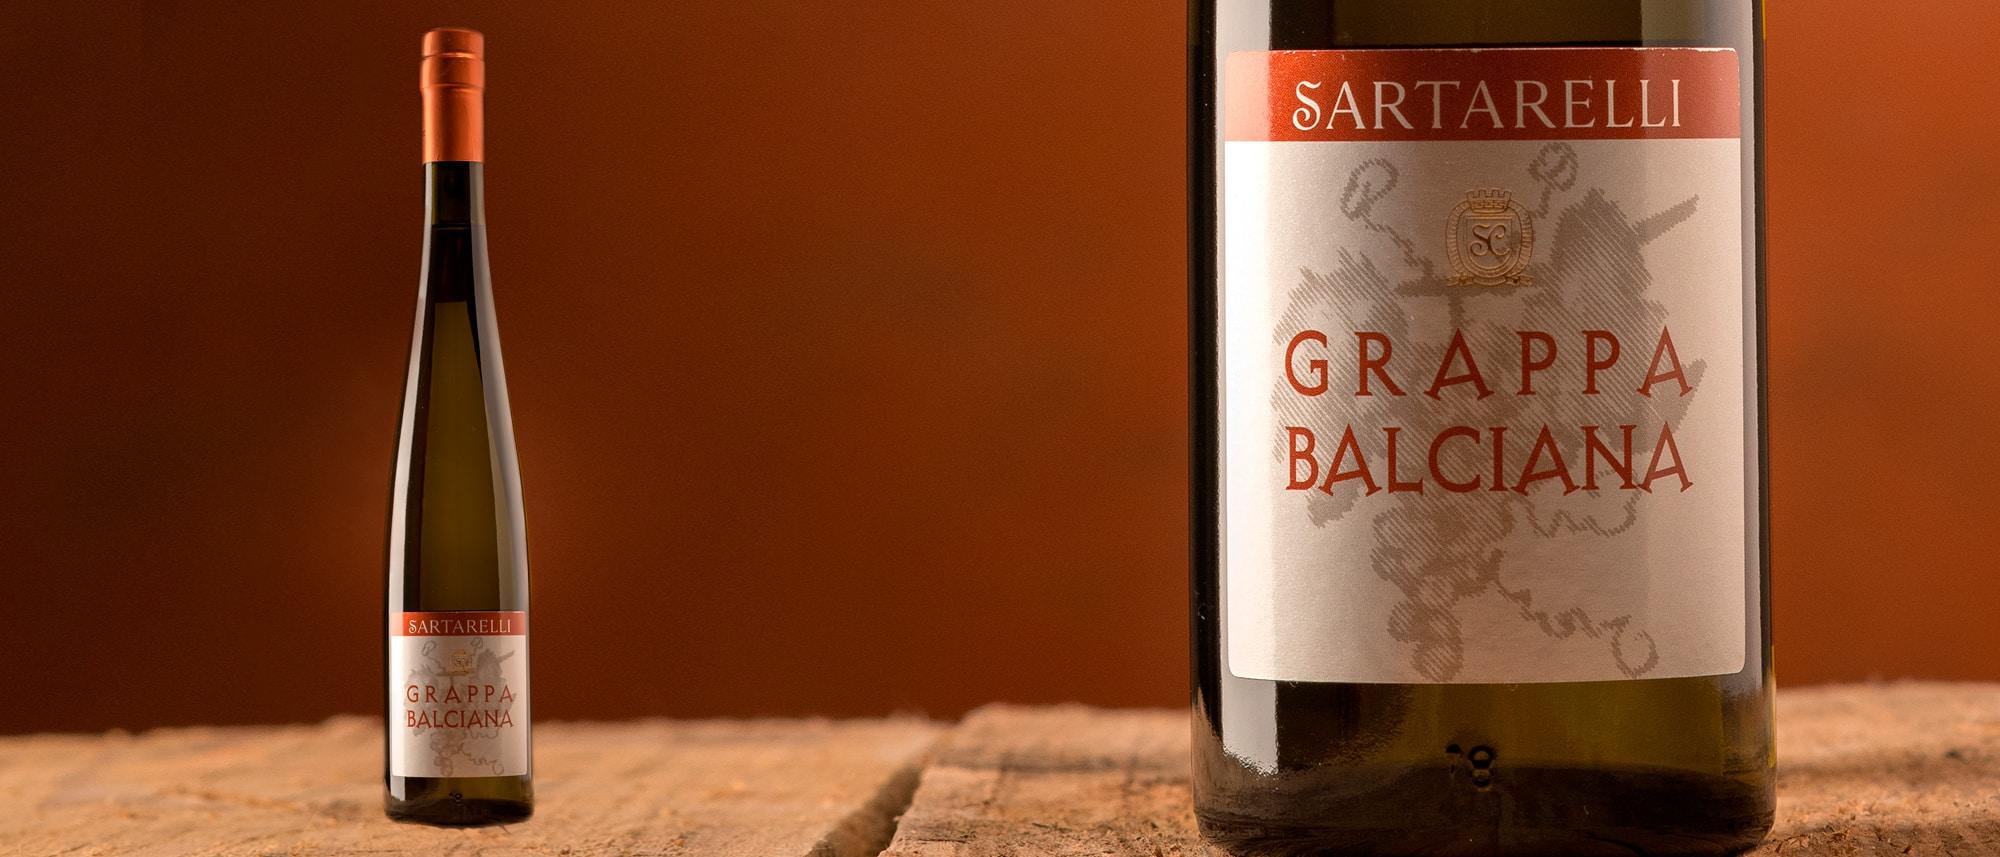 Bottiglia di Grappa Balciana Sartarelli